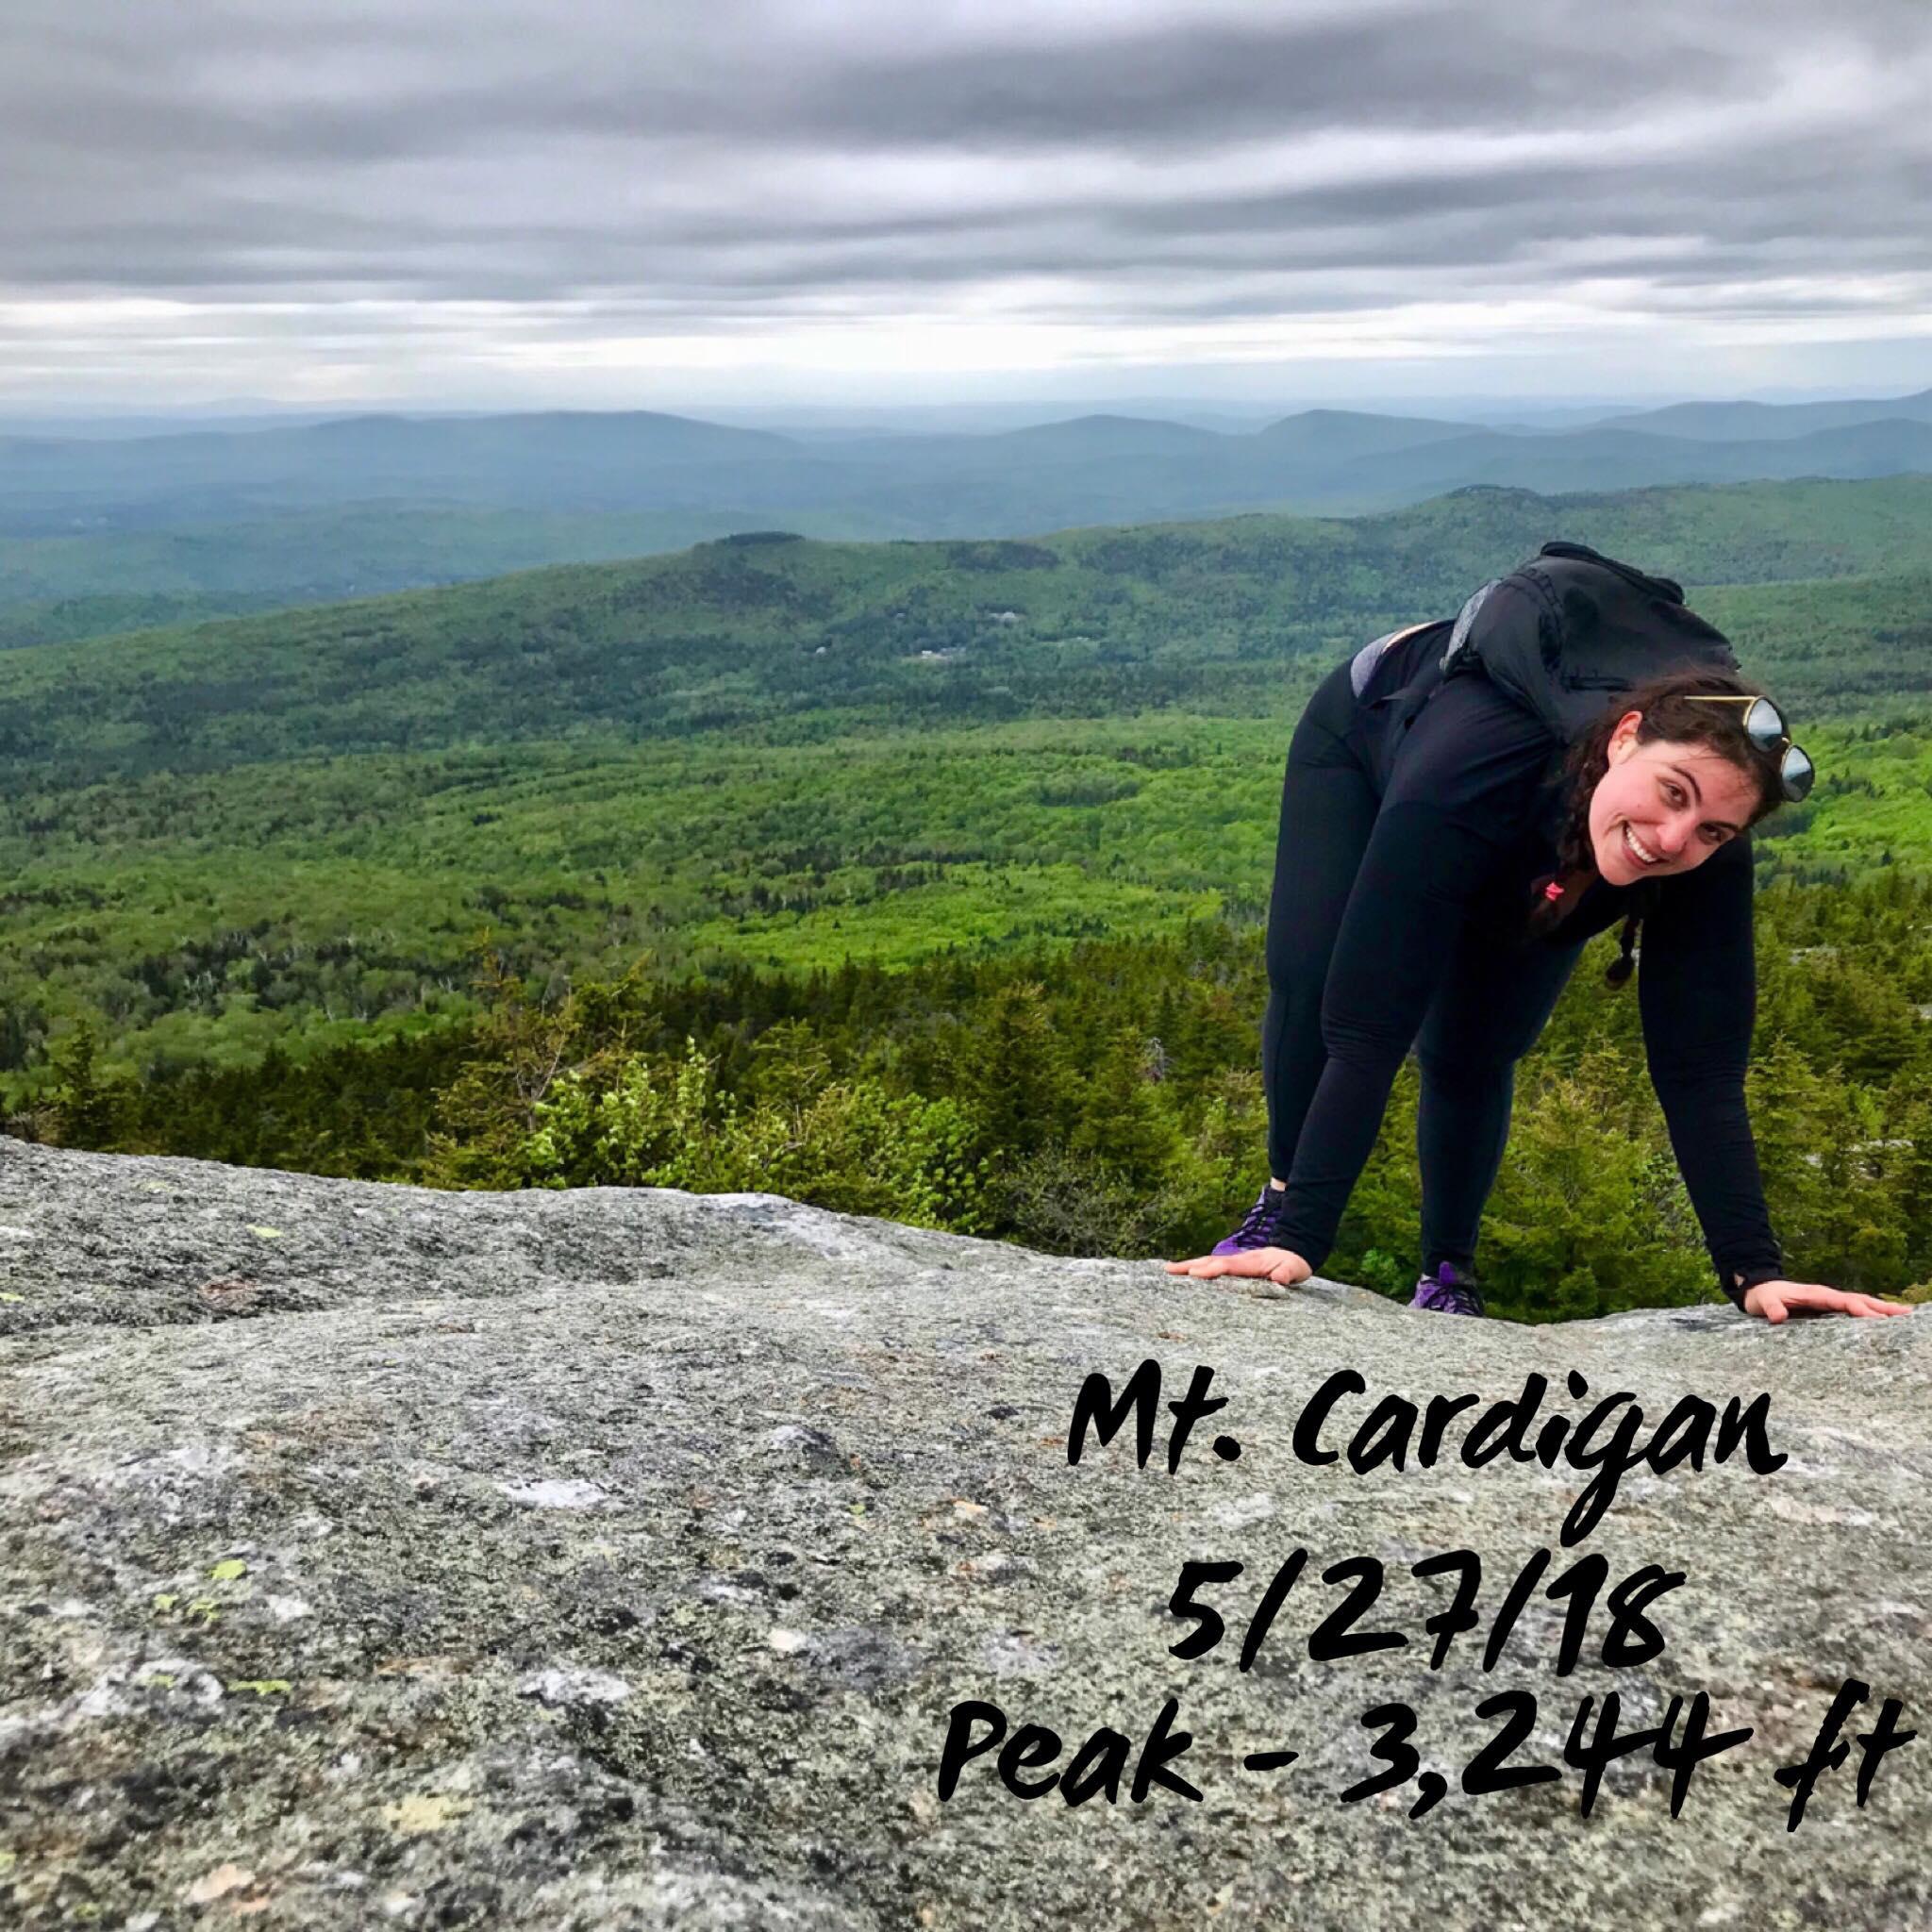 Mt. Cardigan.jpg